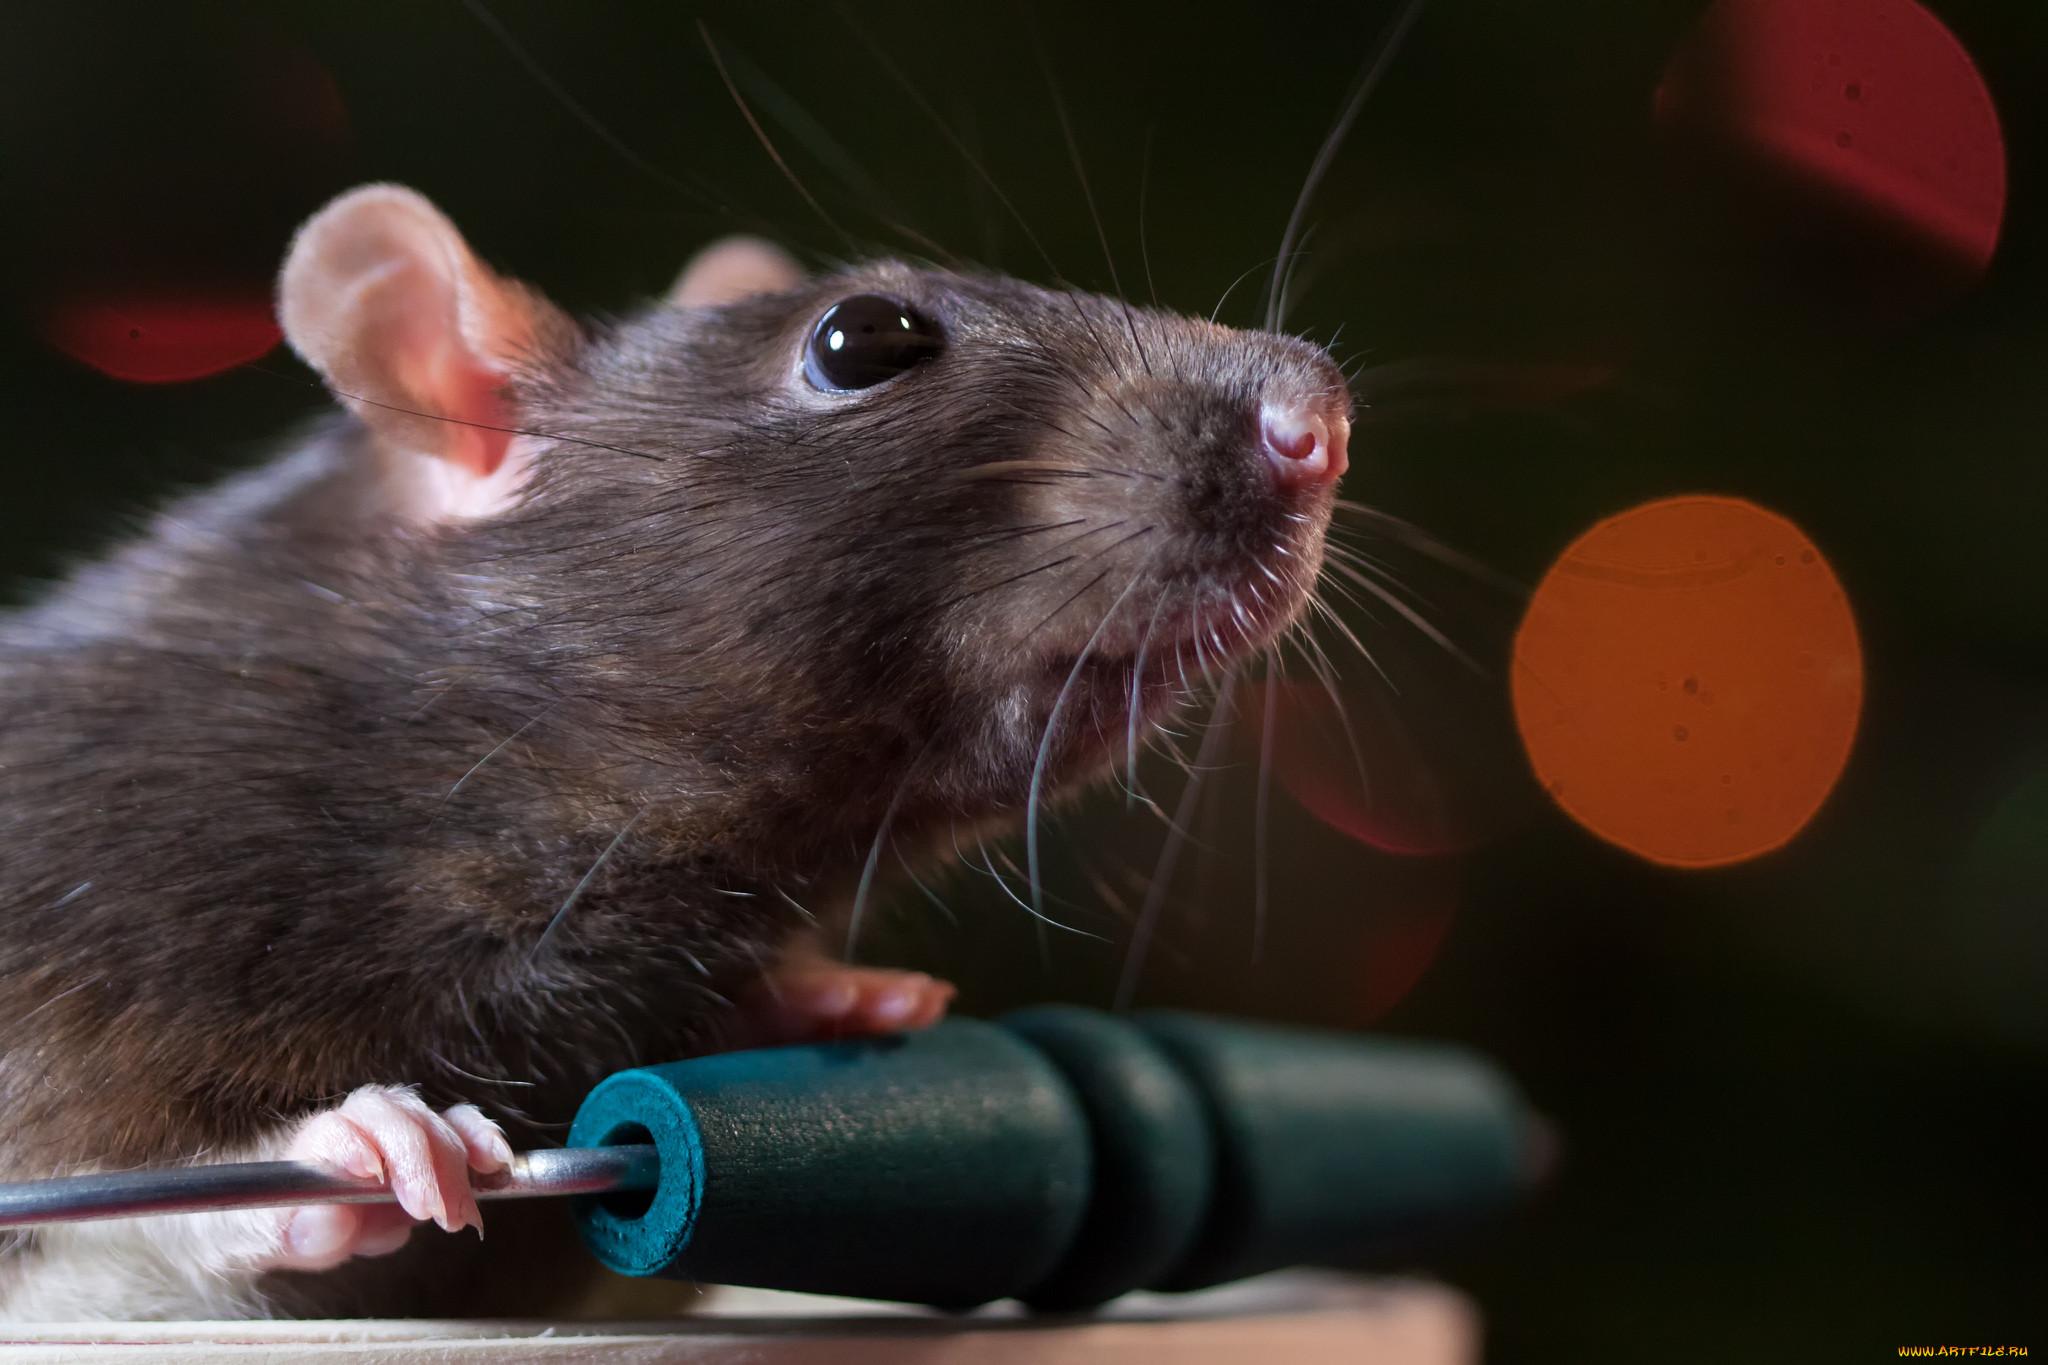 Картинки крыс с словами